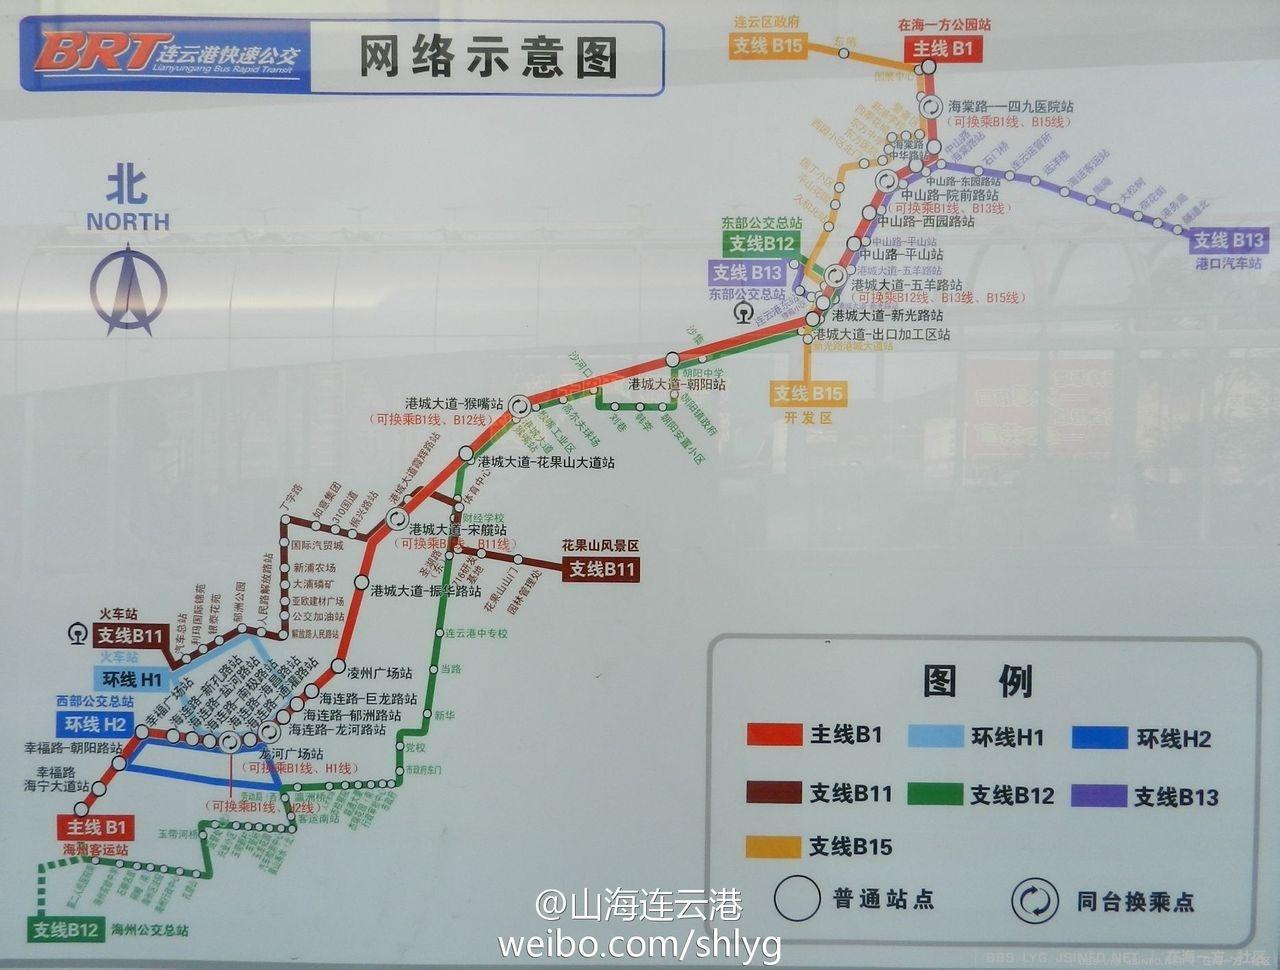 柳州brt线路图,地铁5号线线路图,柳州至广州高铁线路图图片